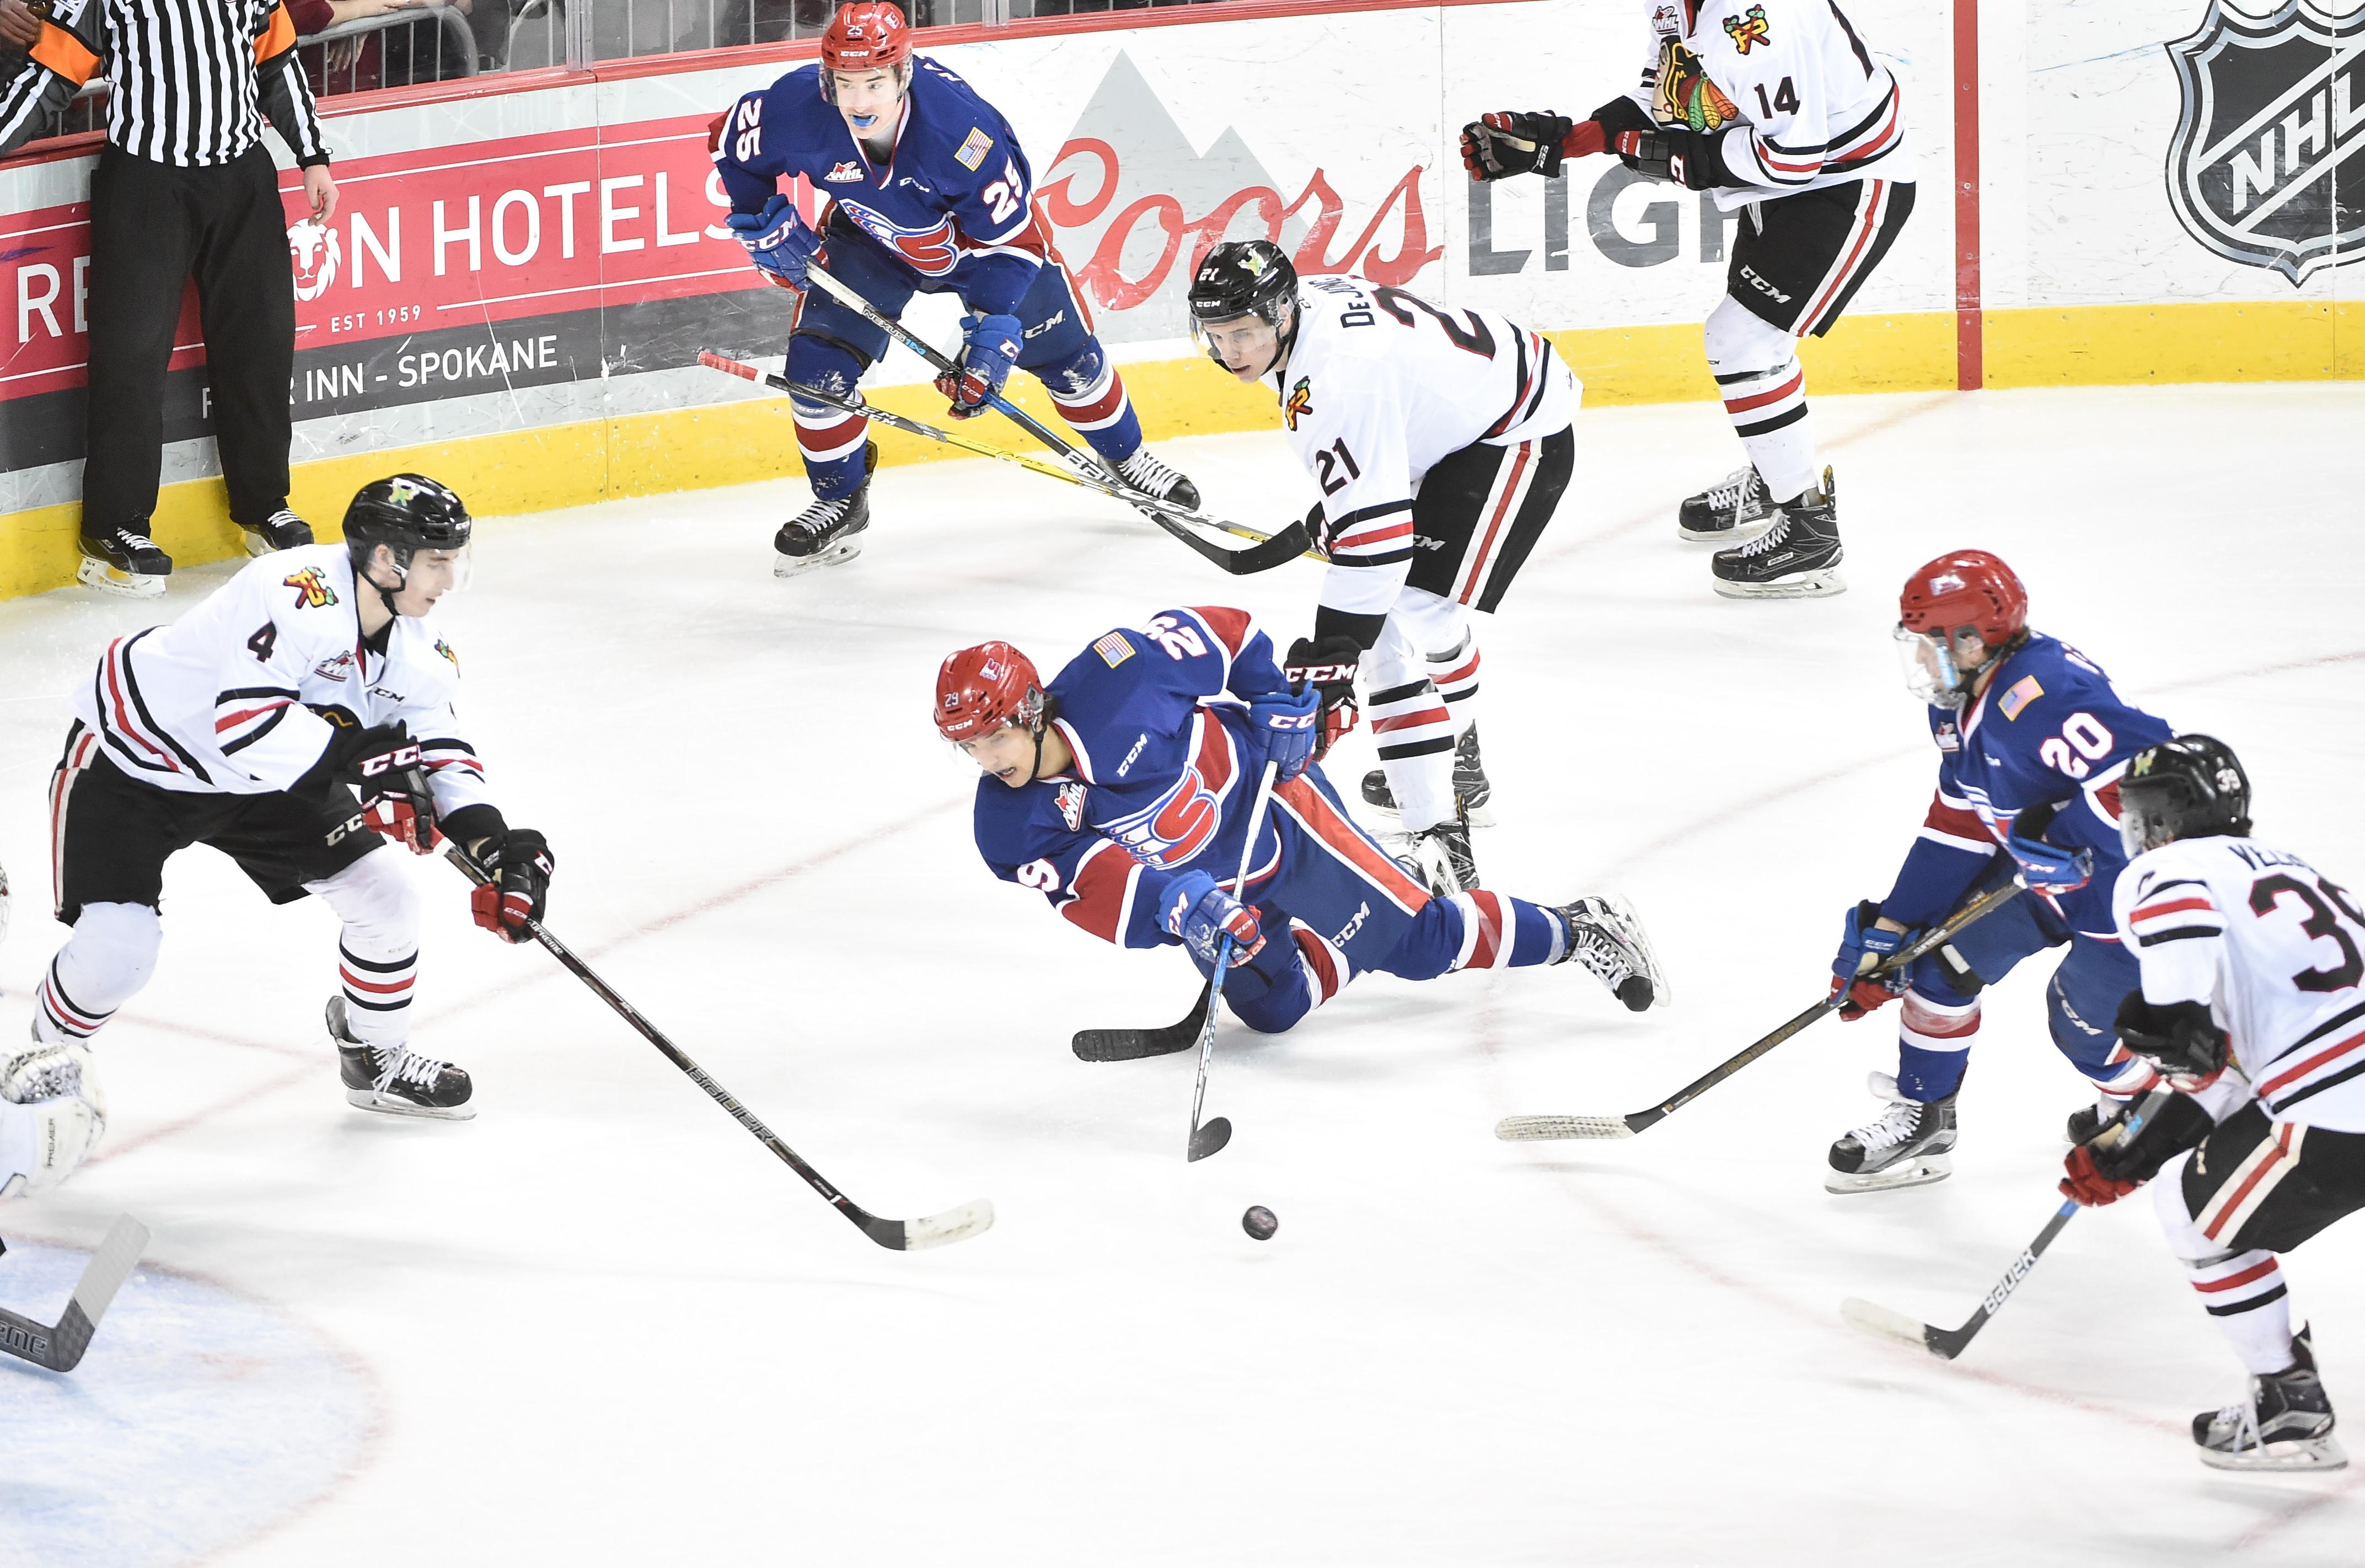 spokane chiefs announce full 2017-18 western hockey league schedule